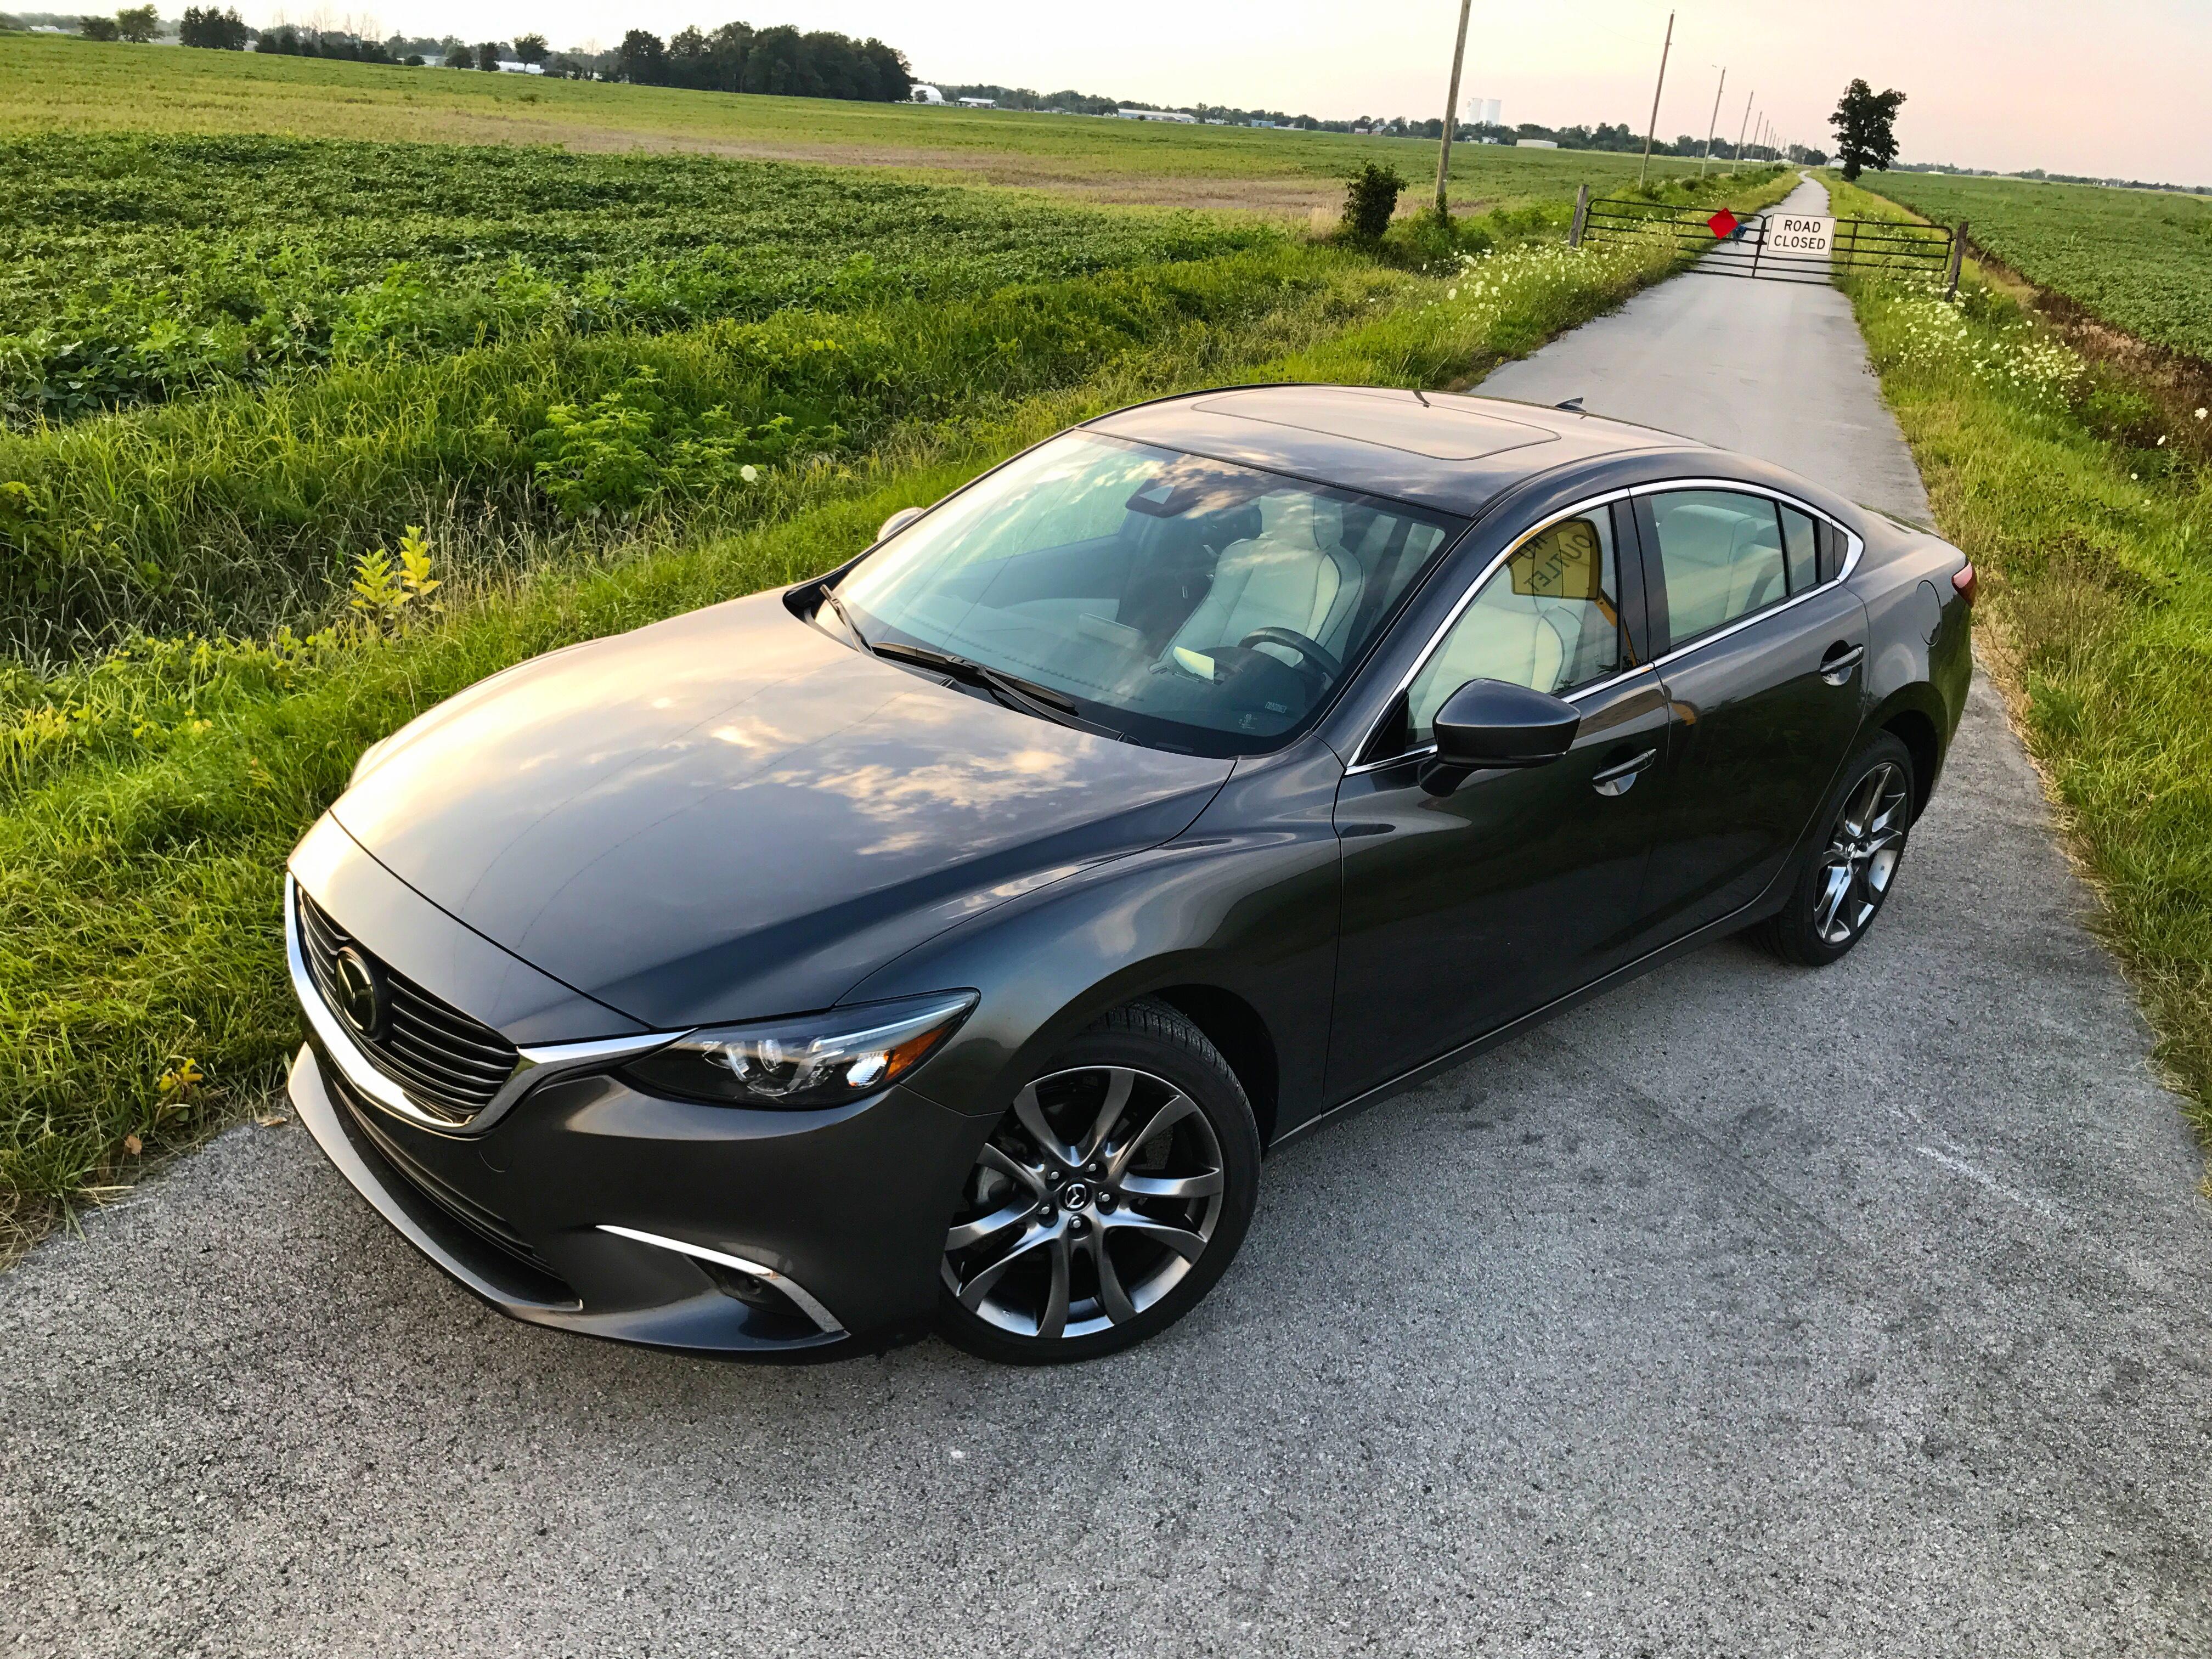 Mazda Review on Mazda Miata Battery